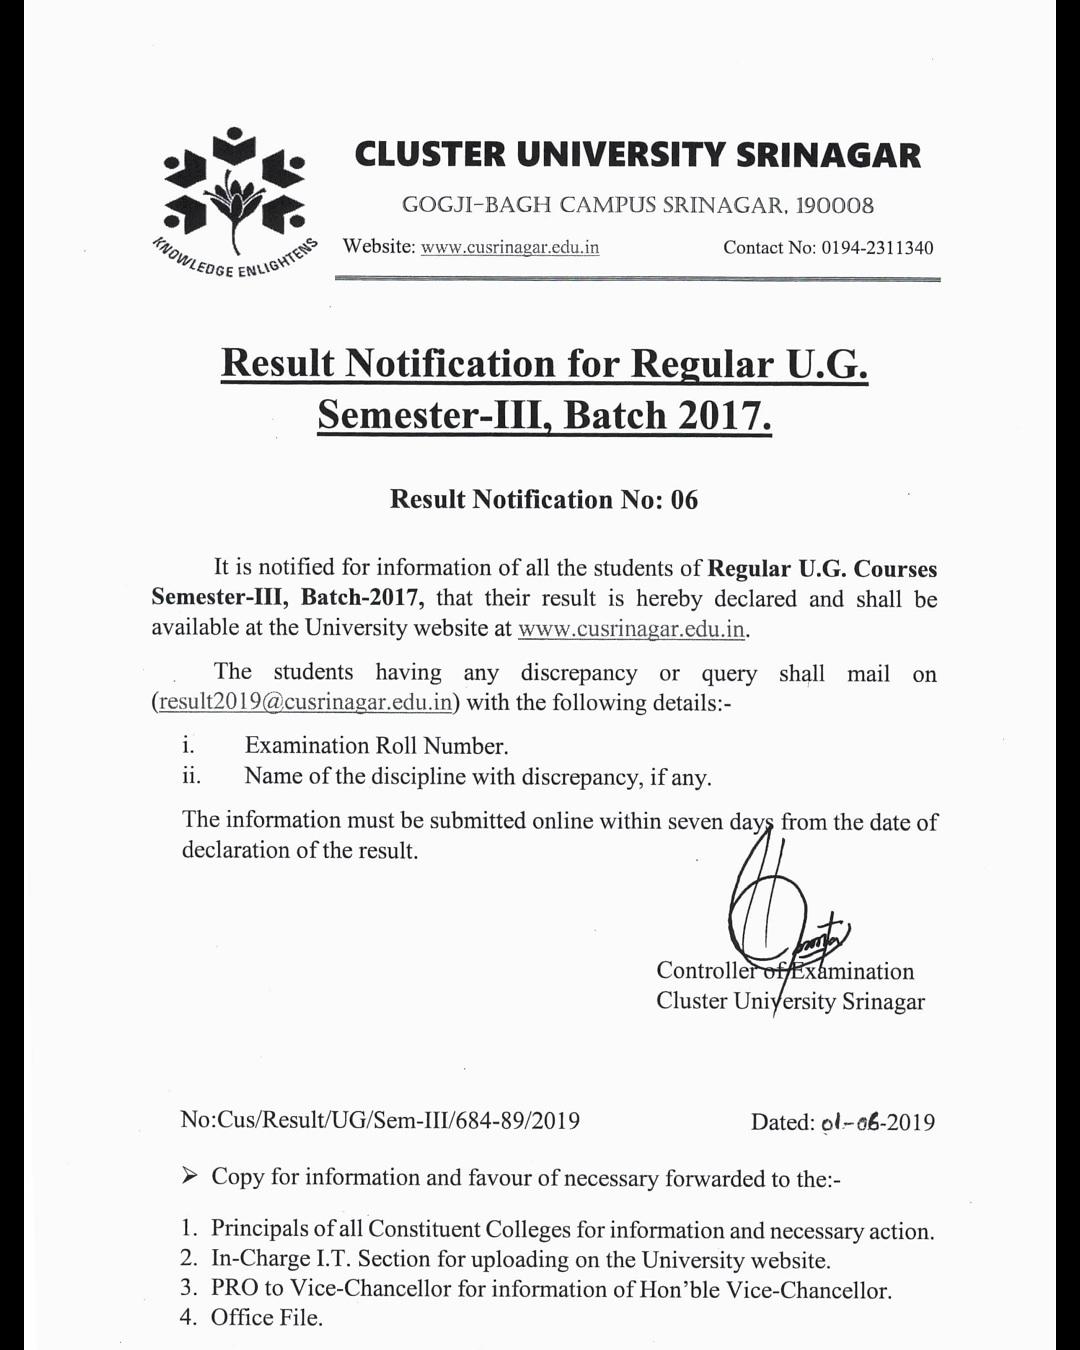 Cluster University Srinagar | Result Notification for